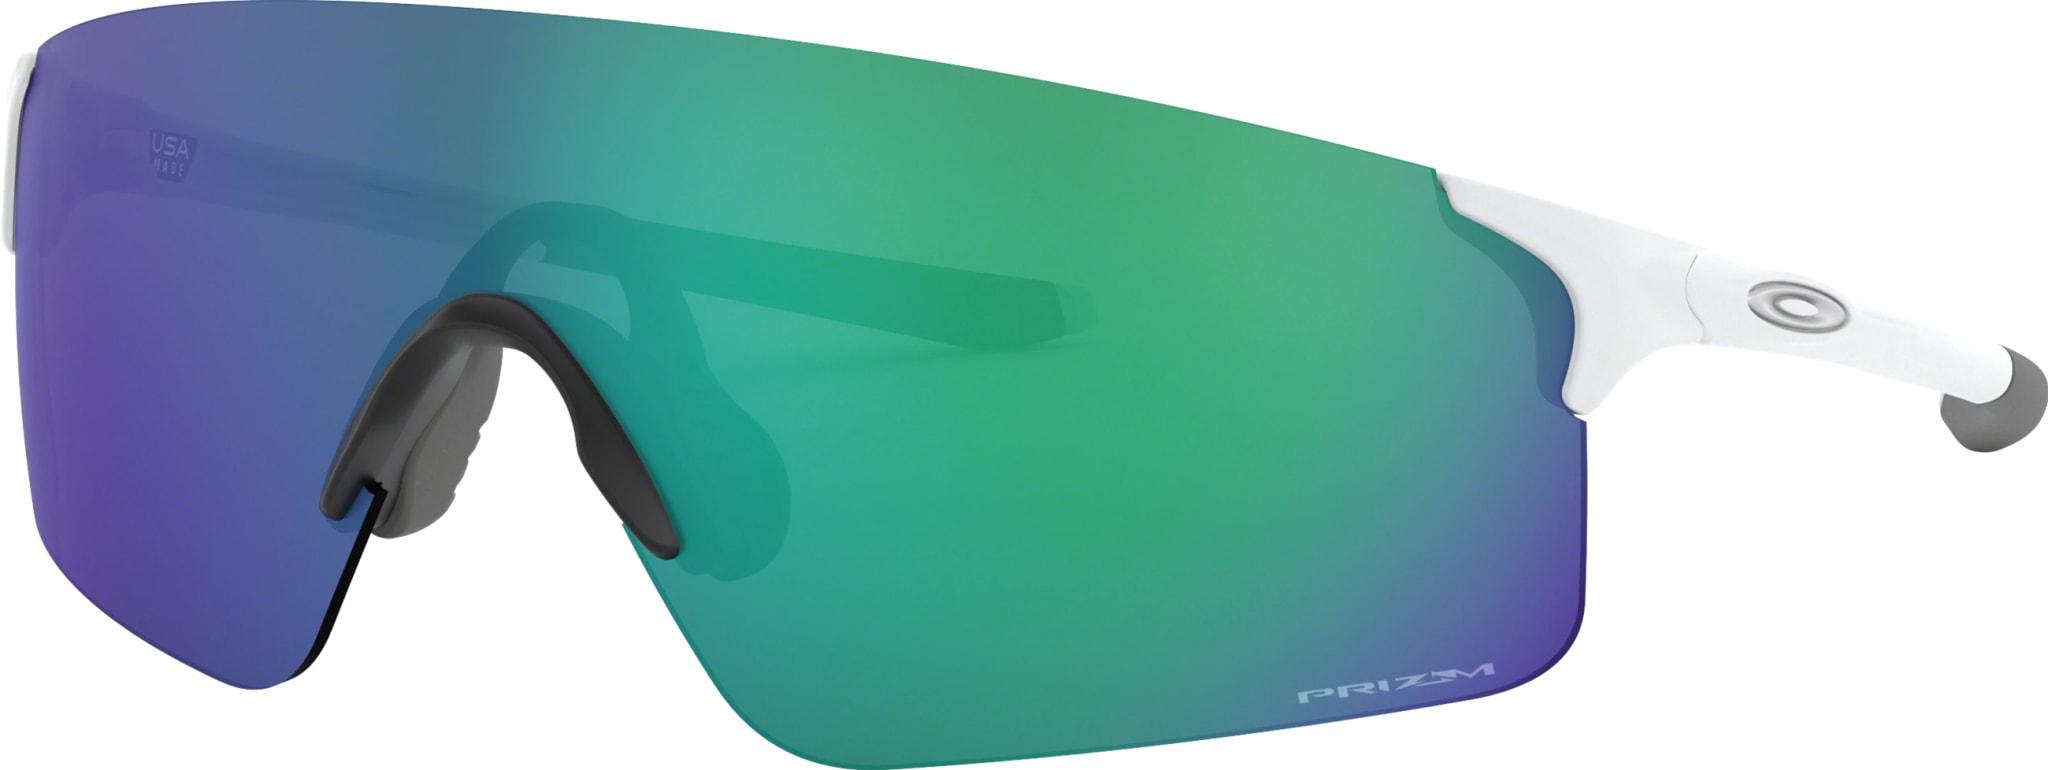 Ny multisportbrille i klassisk oakley-stil